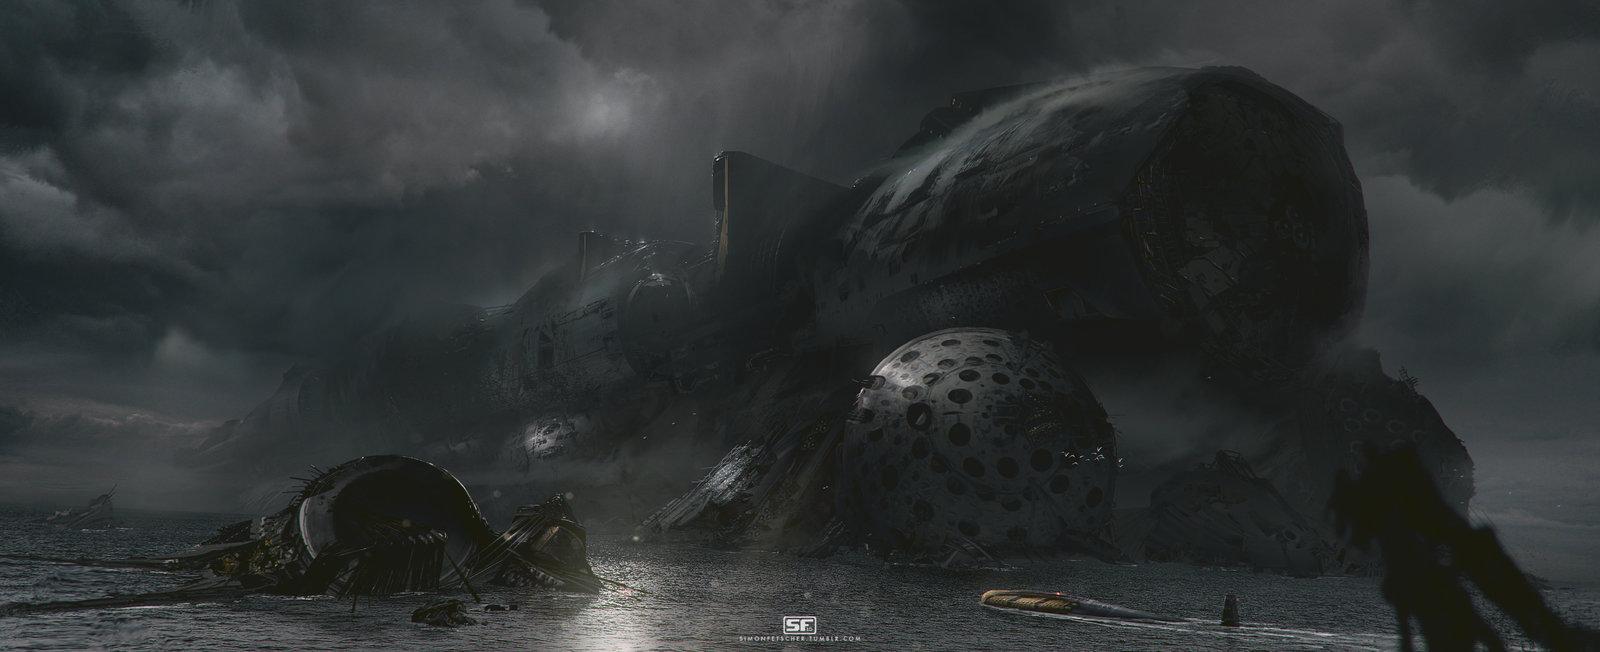 Derelict Starship